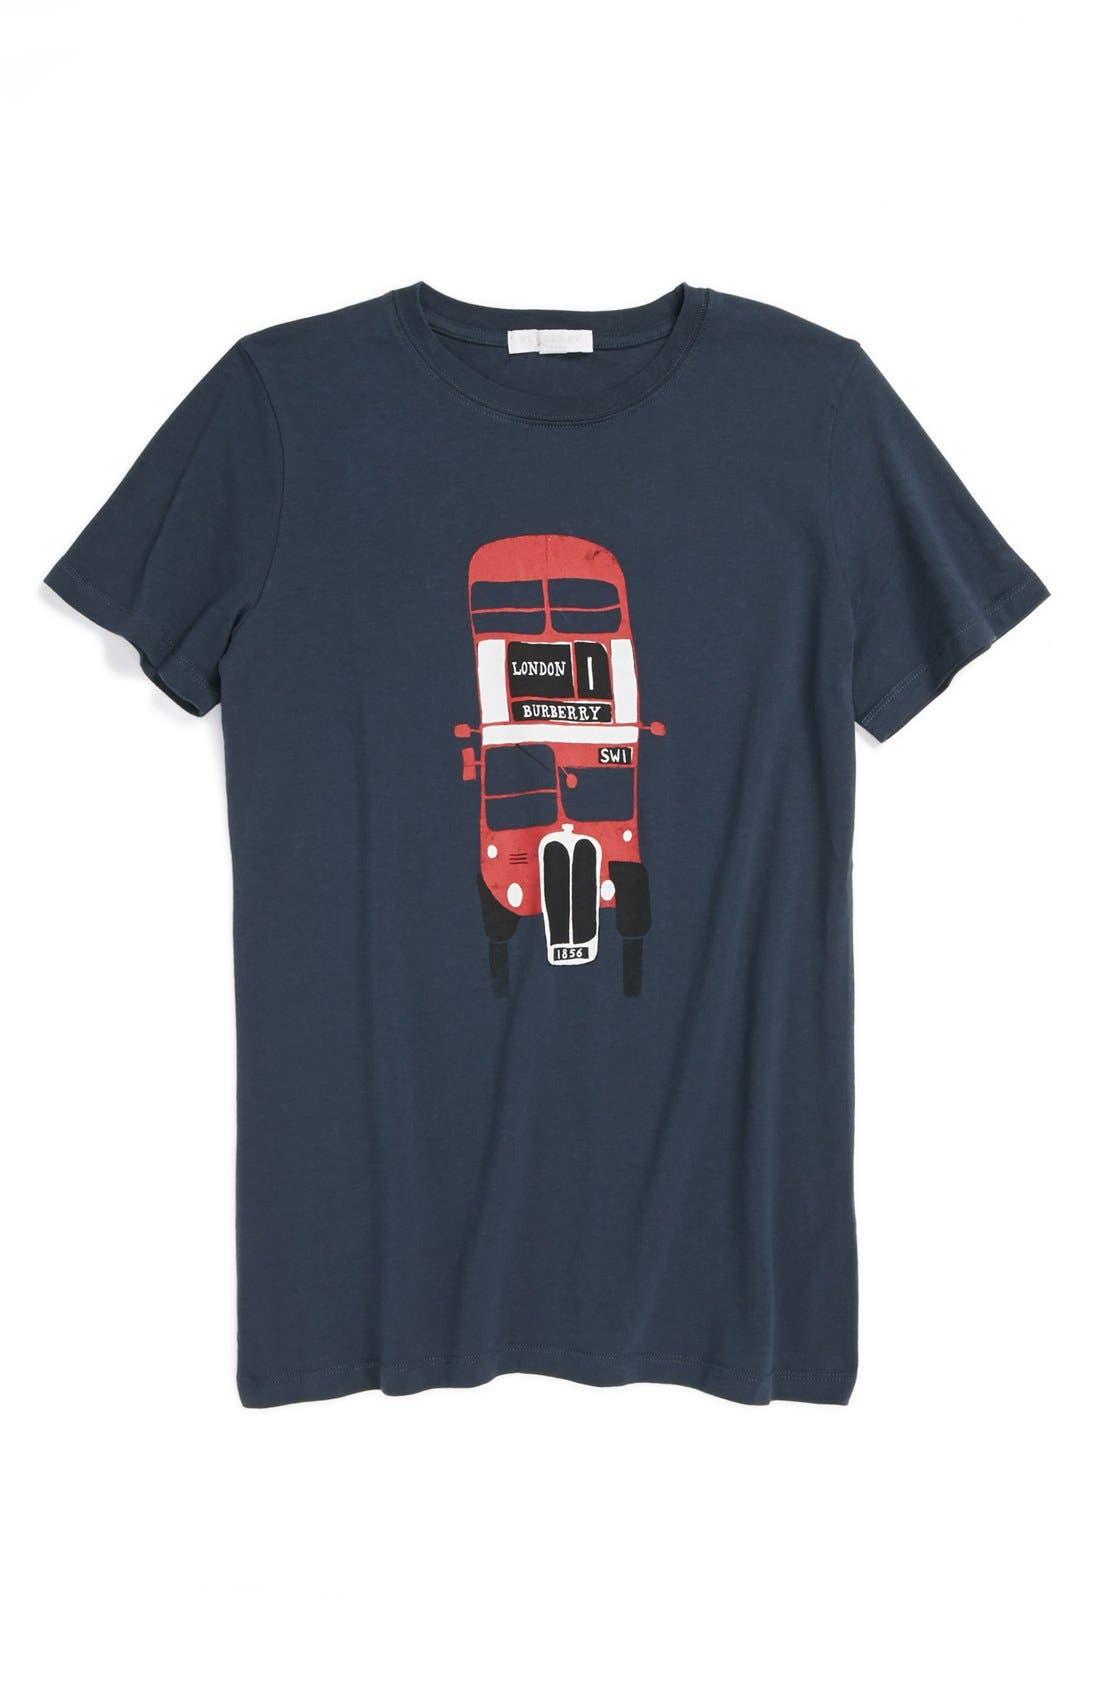 Main Image - Burberry Print T-Shirt (Toddler Boys)